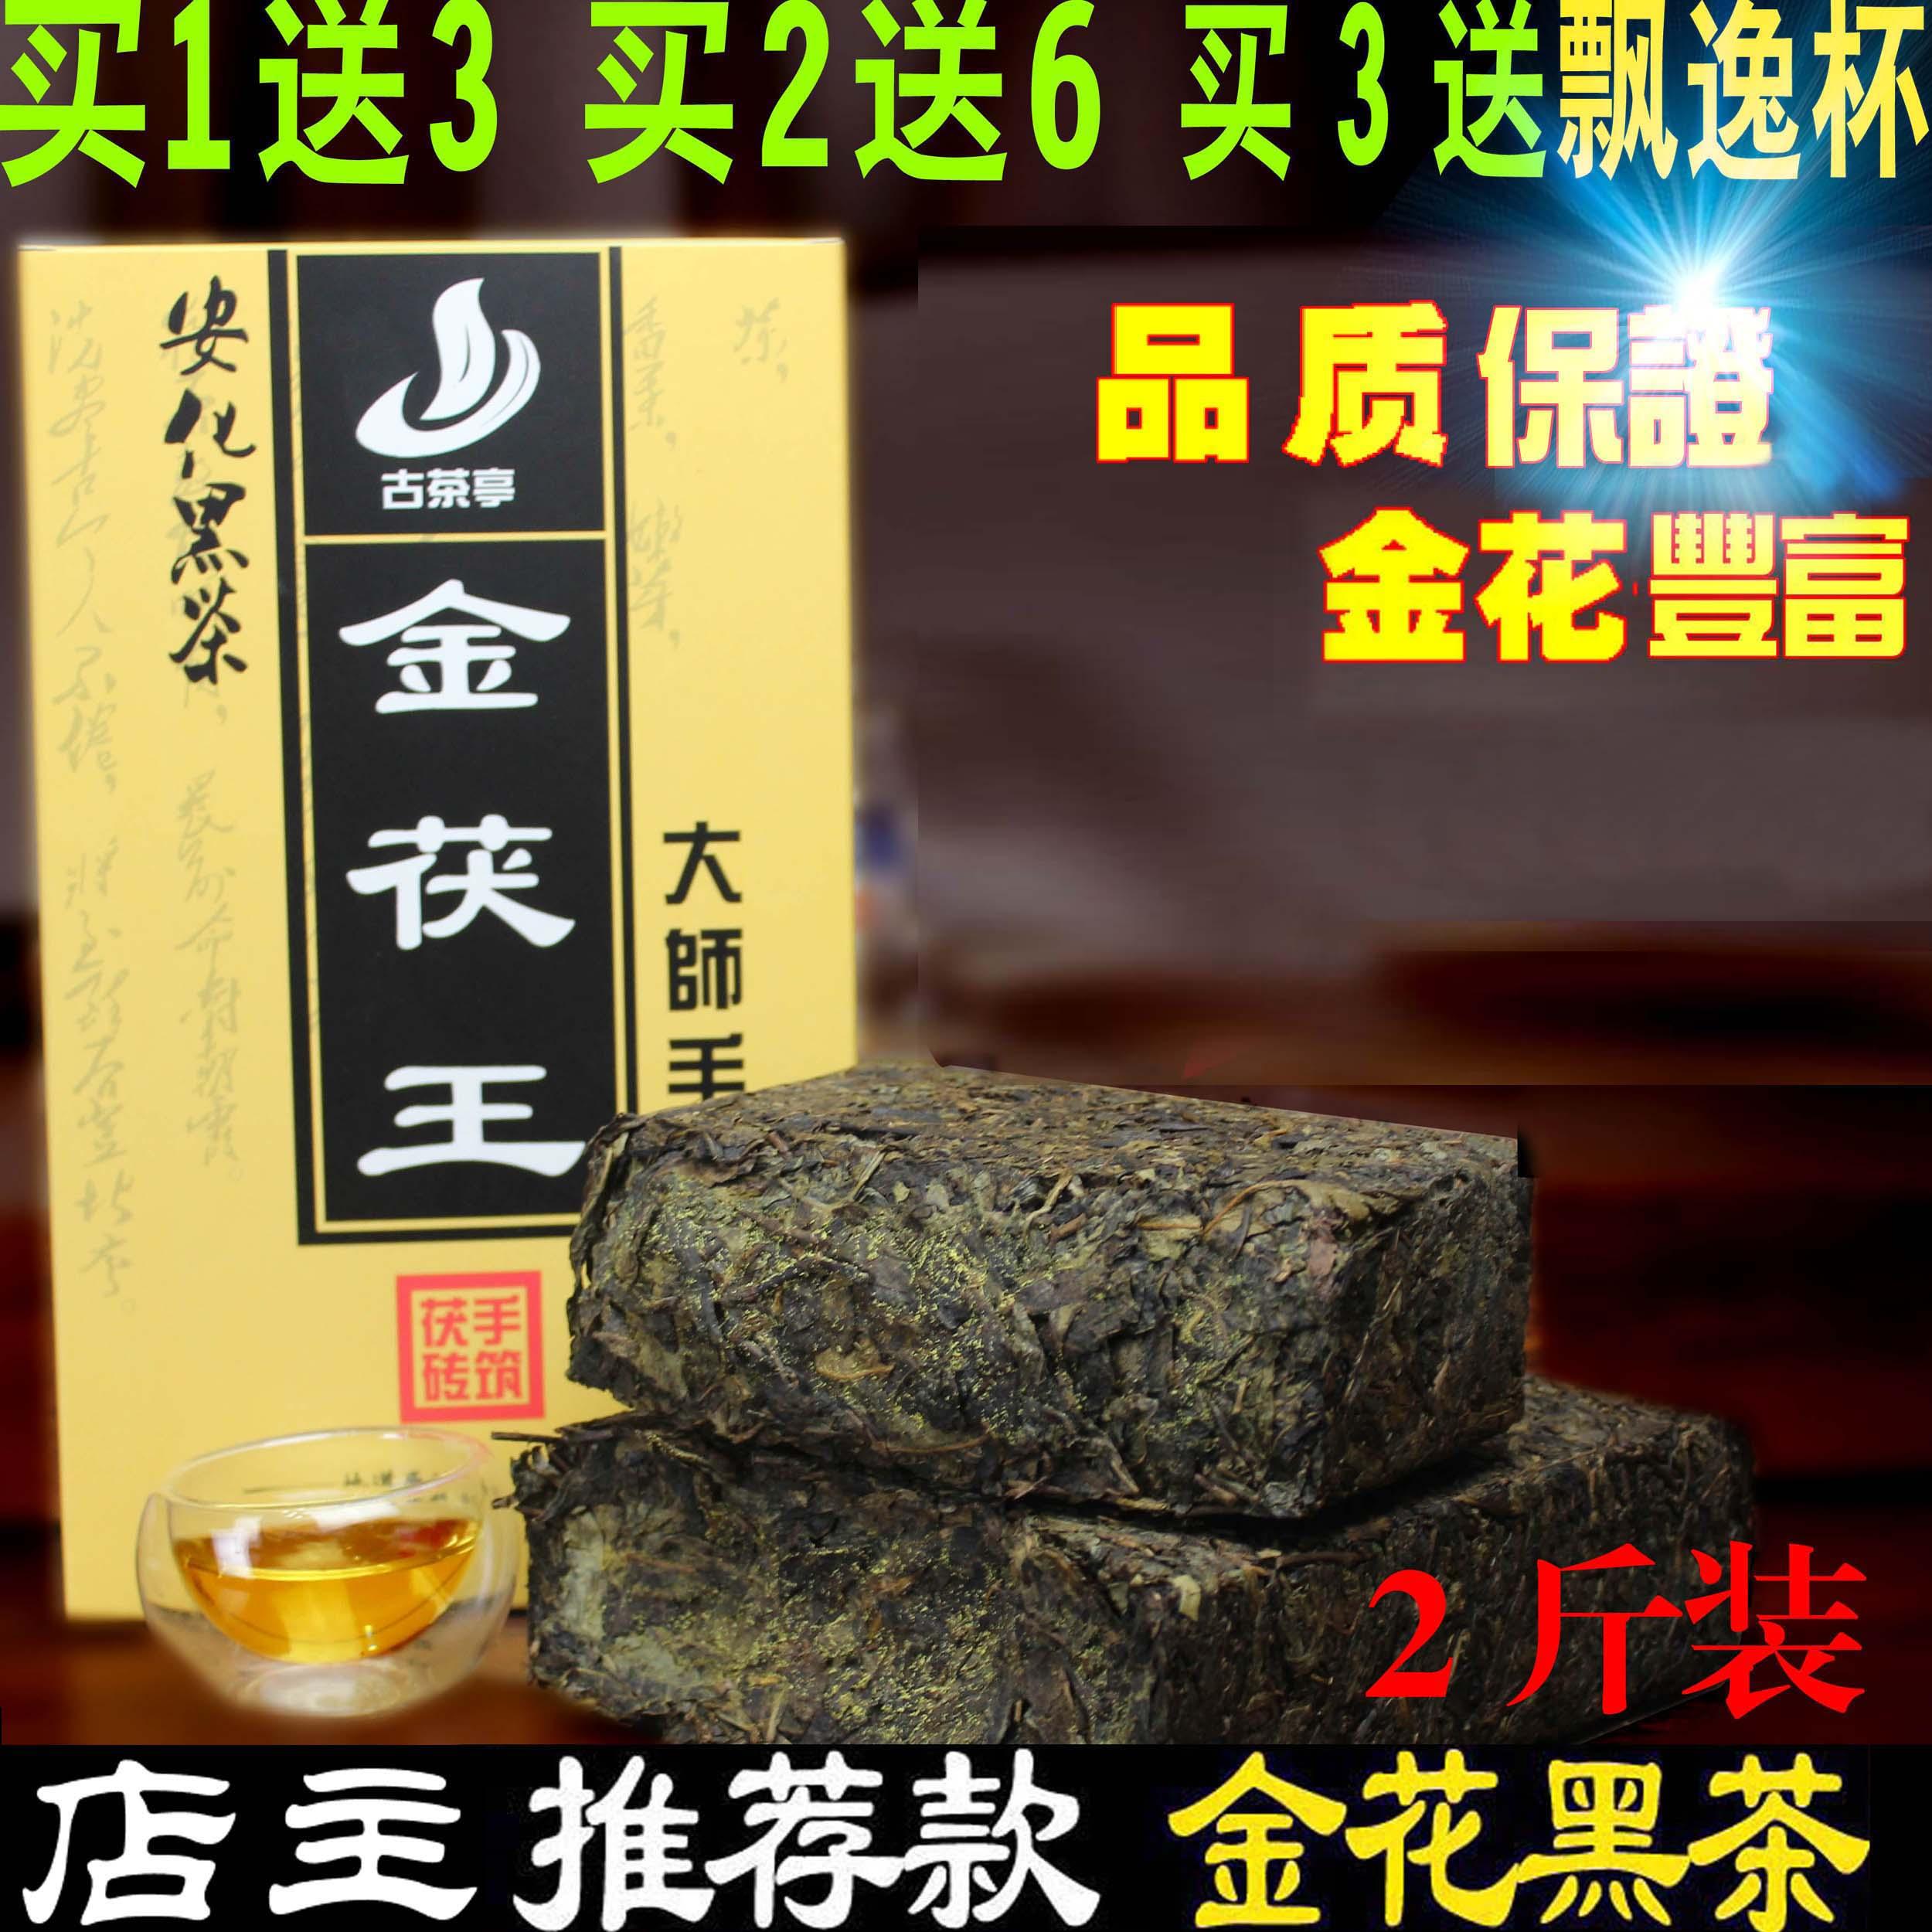 黑茶湖南安化黑茶茯砖金花黑茶茯砖茶安华黑茶1公斤安化黑茶